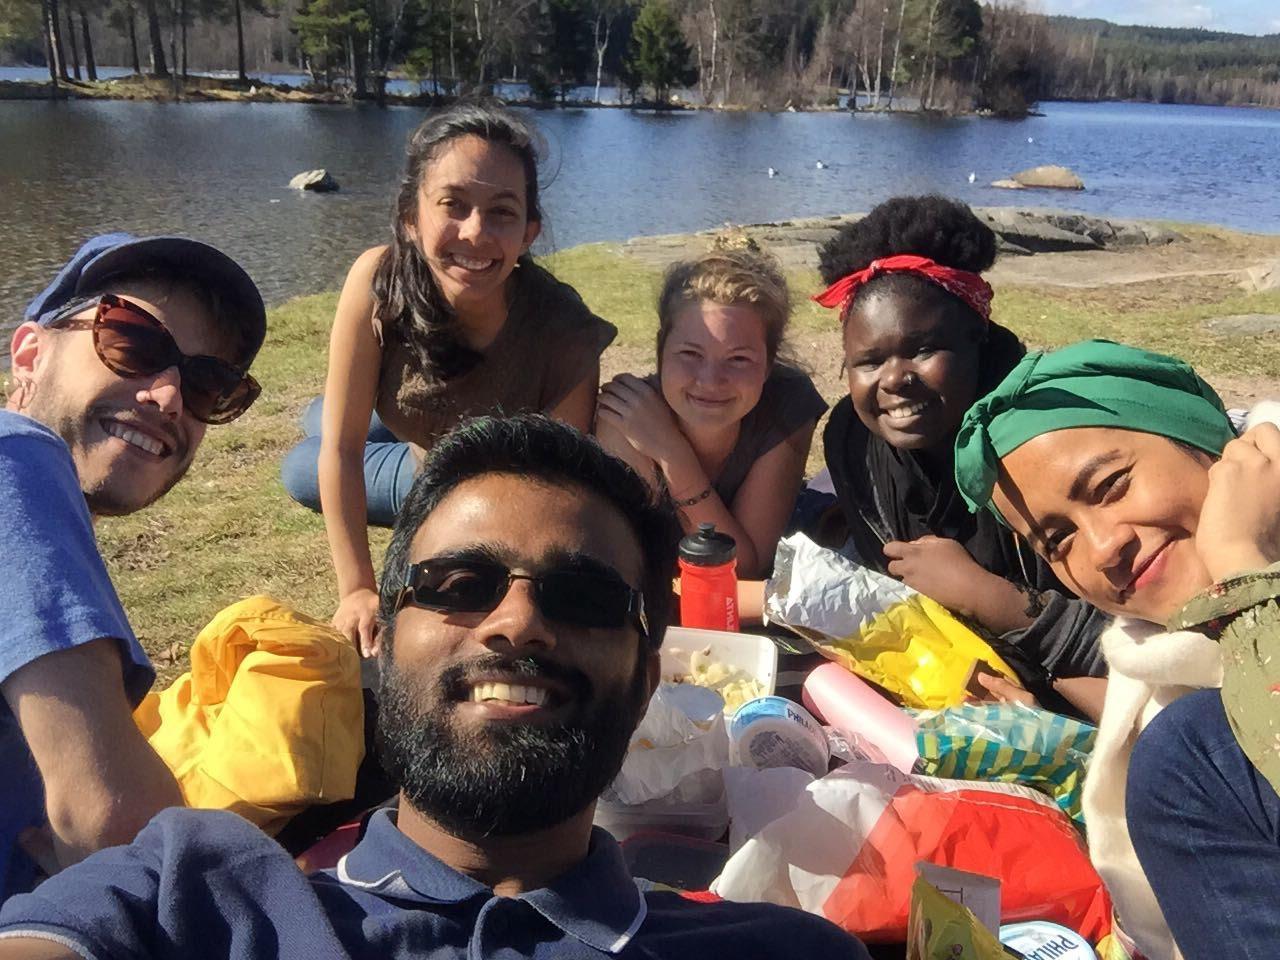 Nadhill (kanan) menghabiskan musim panas bersama teman-temannya dengan berpiknik di tepi danau di Oslo, Norwegia